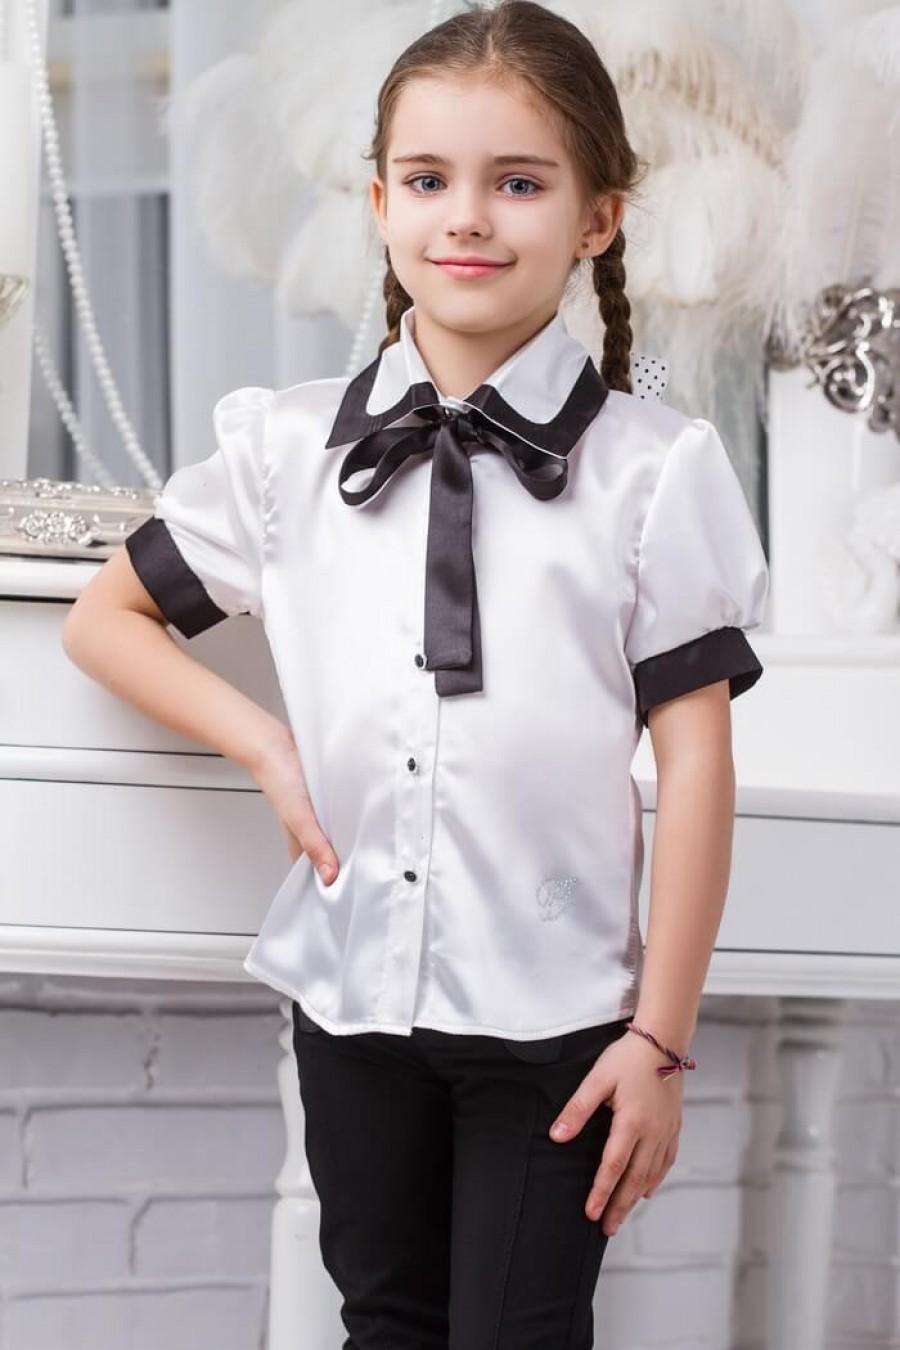 детская мода 2018 для девочек: белая блузка с черными манжетами и бантом рукав короткий